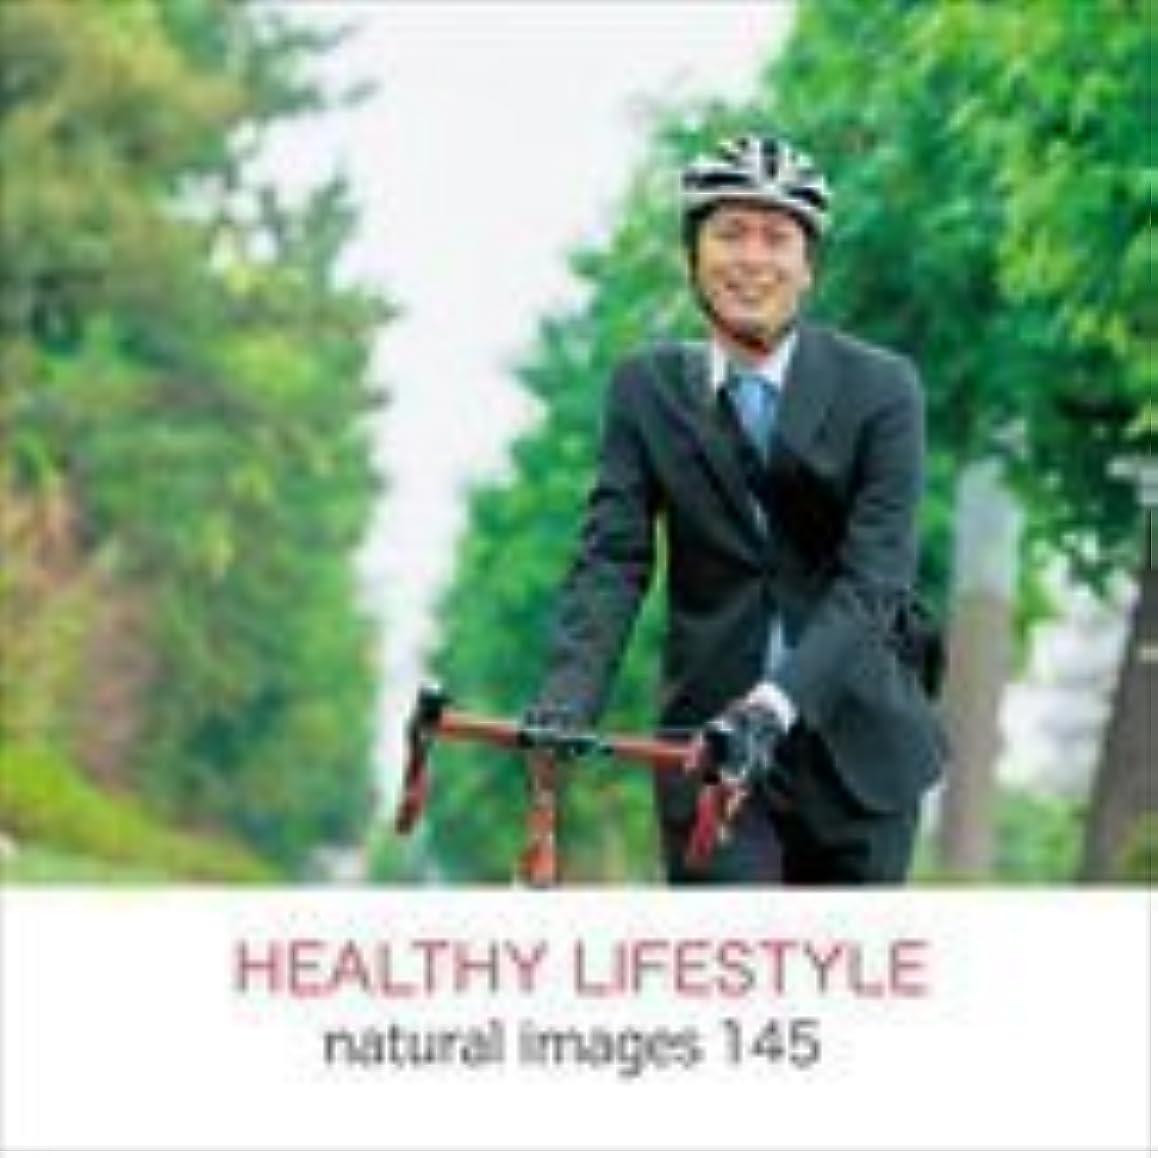 富豪シーフード伝統的naturalimages Vol.145 HEALTHY LIFESTYLE